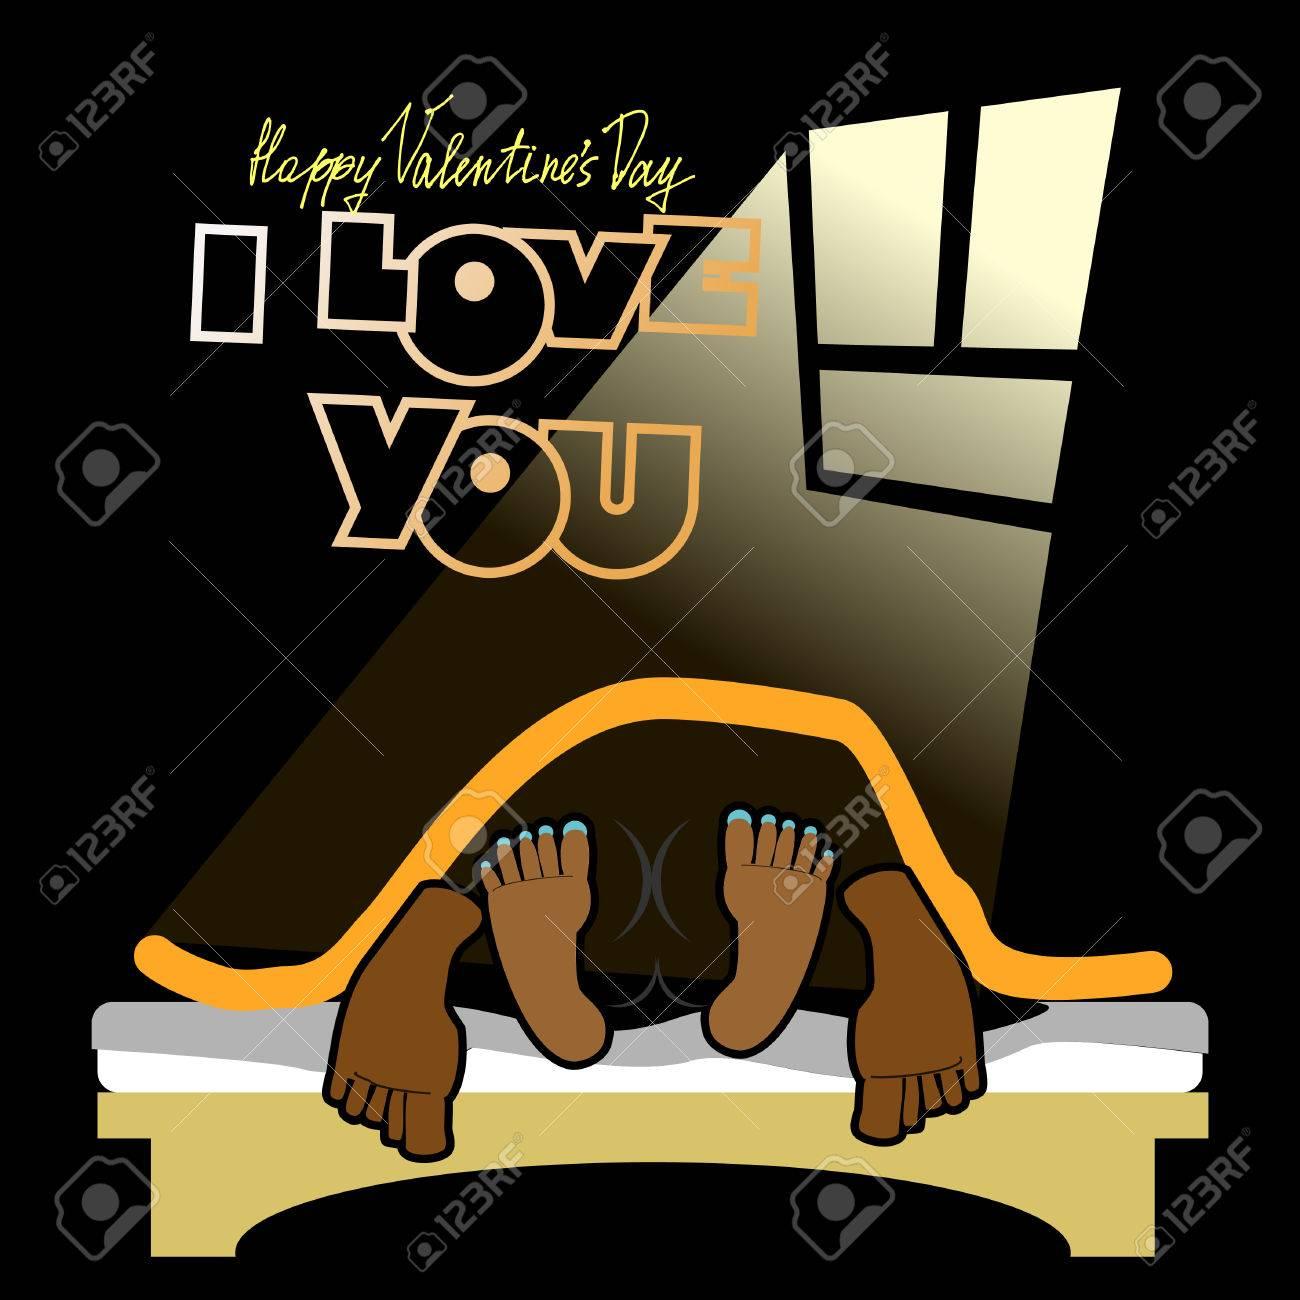 Valentine Joyeux Inhabituelle Carte De Saint Valentin Un Drole Fond Noir Le Sexe Sur Un Lit L Amour Et Les Relations Entre Les Gens Je Te Aime L Homme Et La Femme Sur Le Lit